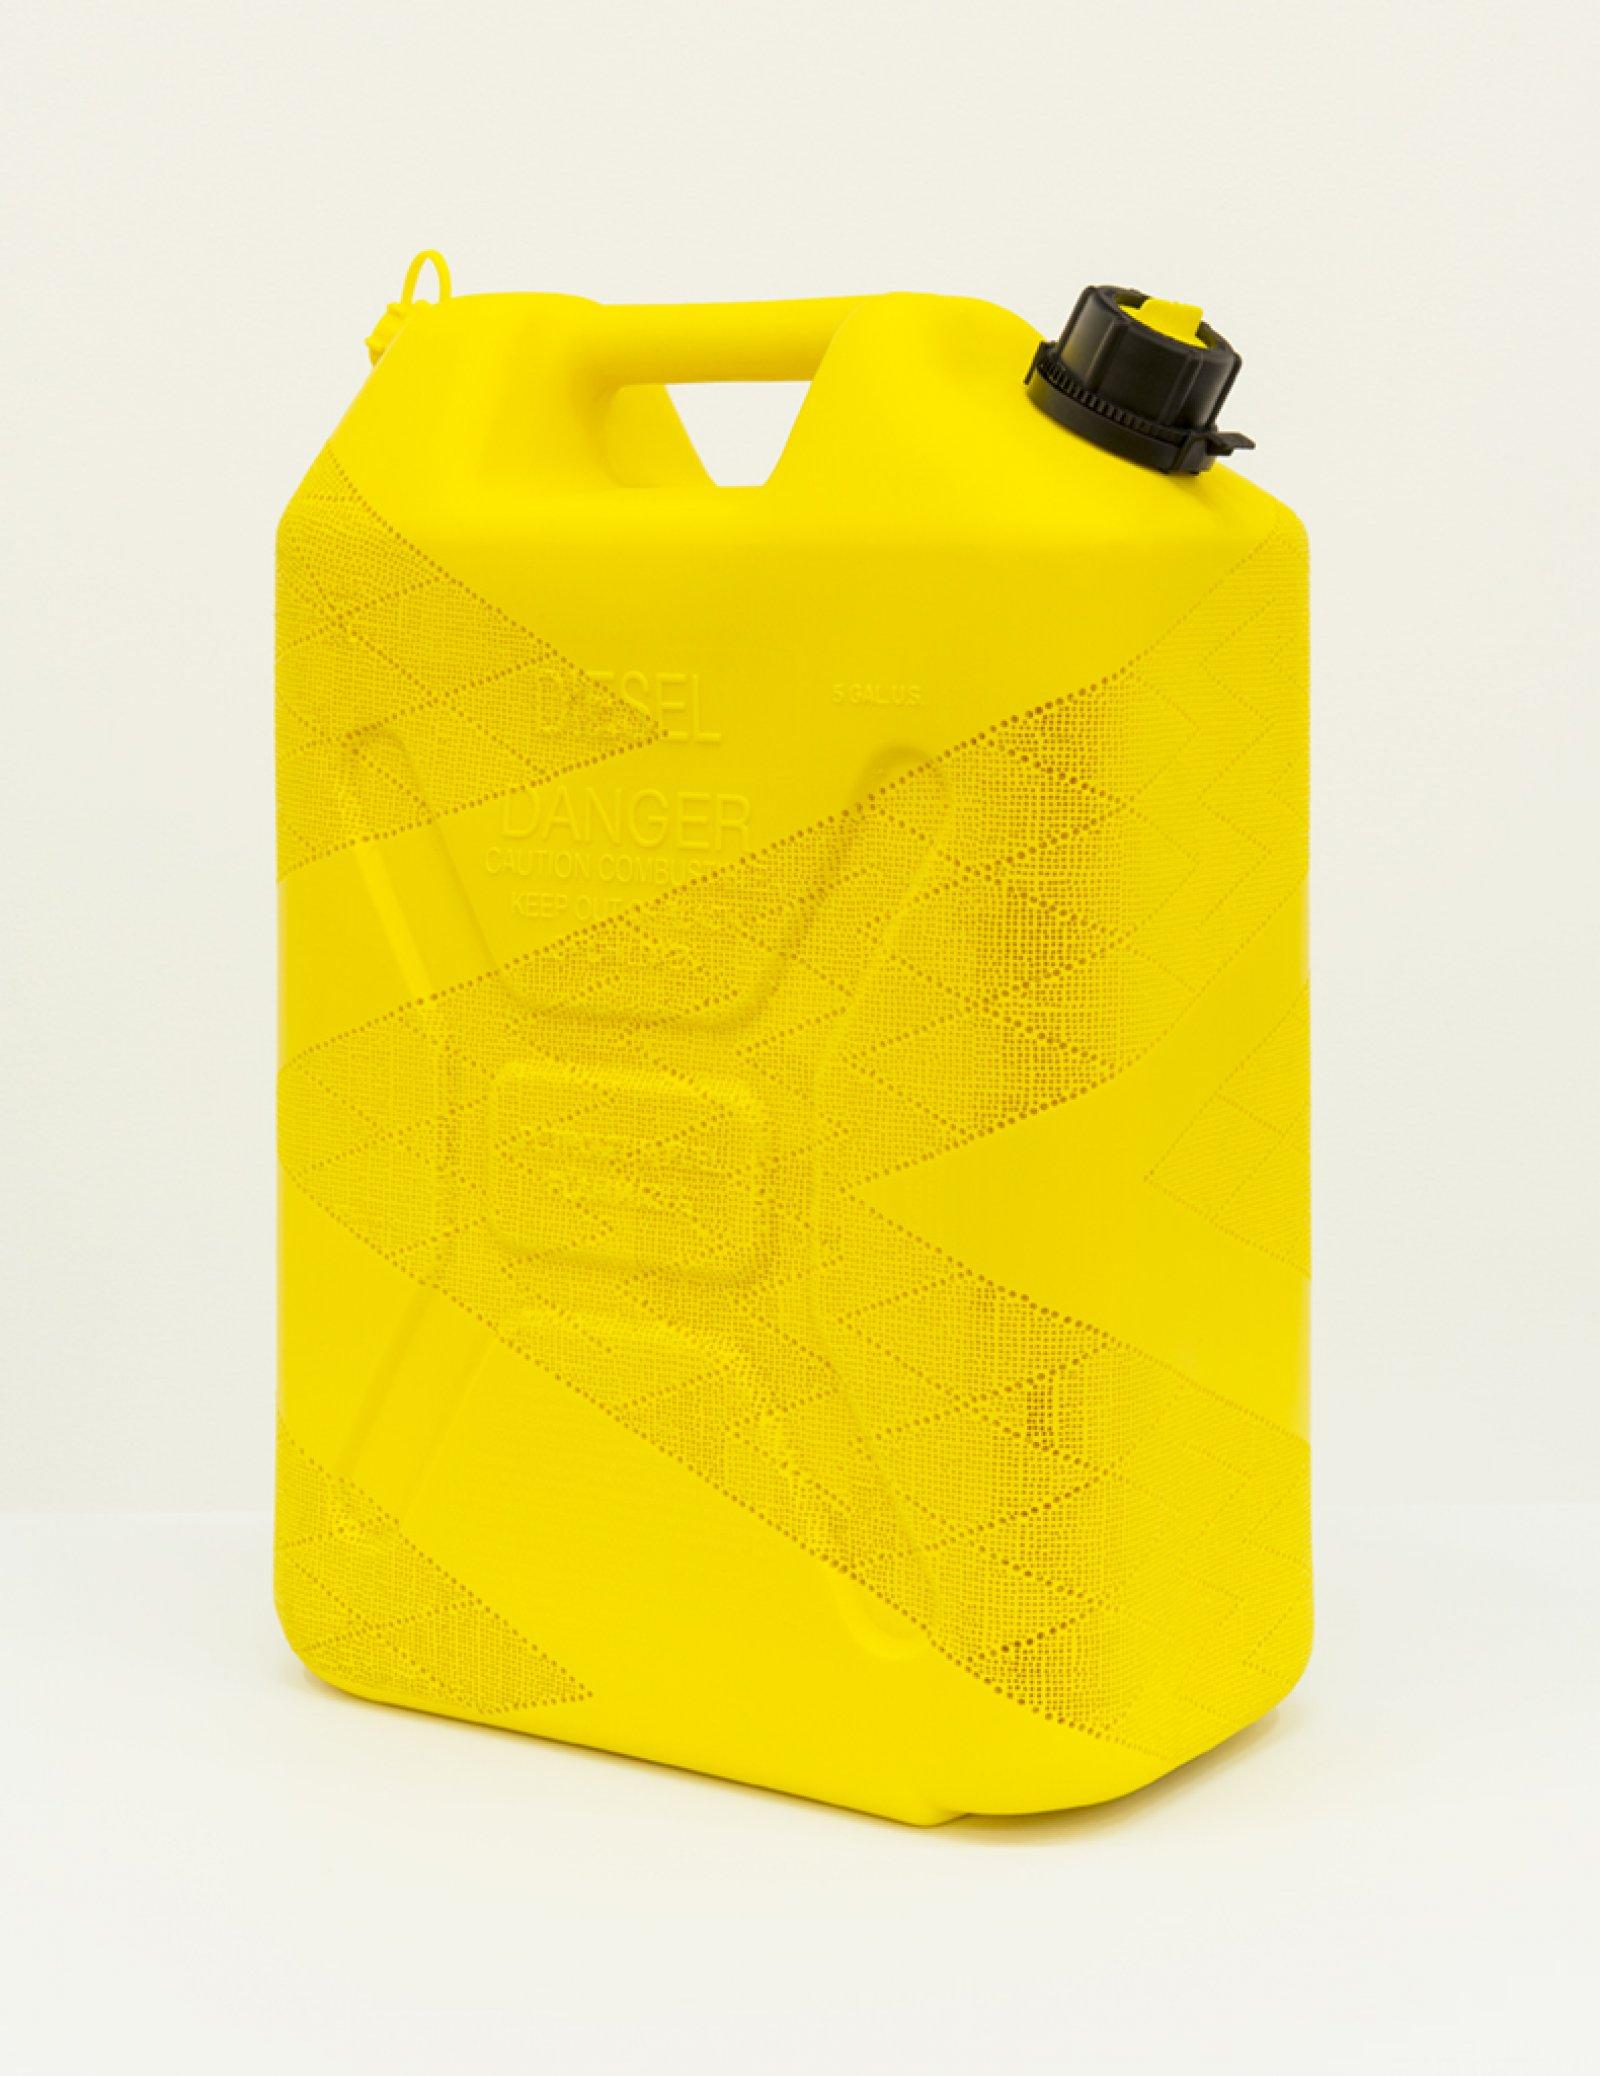 Brian Jungen,Chevron 1, 2012, carved diesel jug, 20 x 13 x 7 in. (50 x 33 x 18 cm)